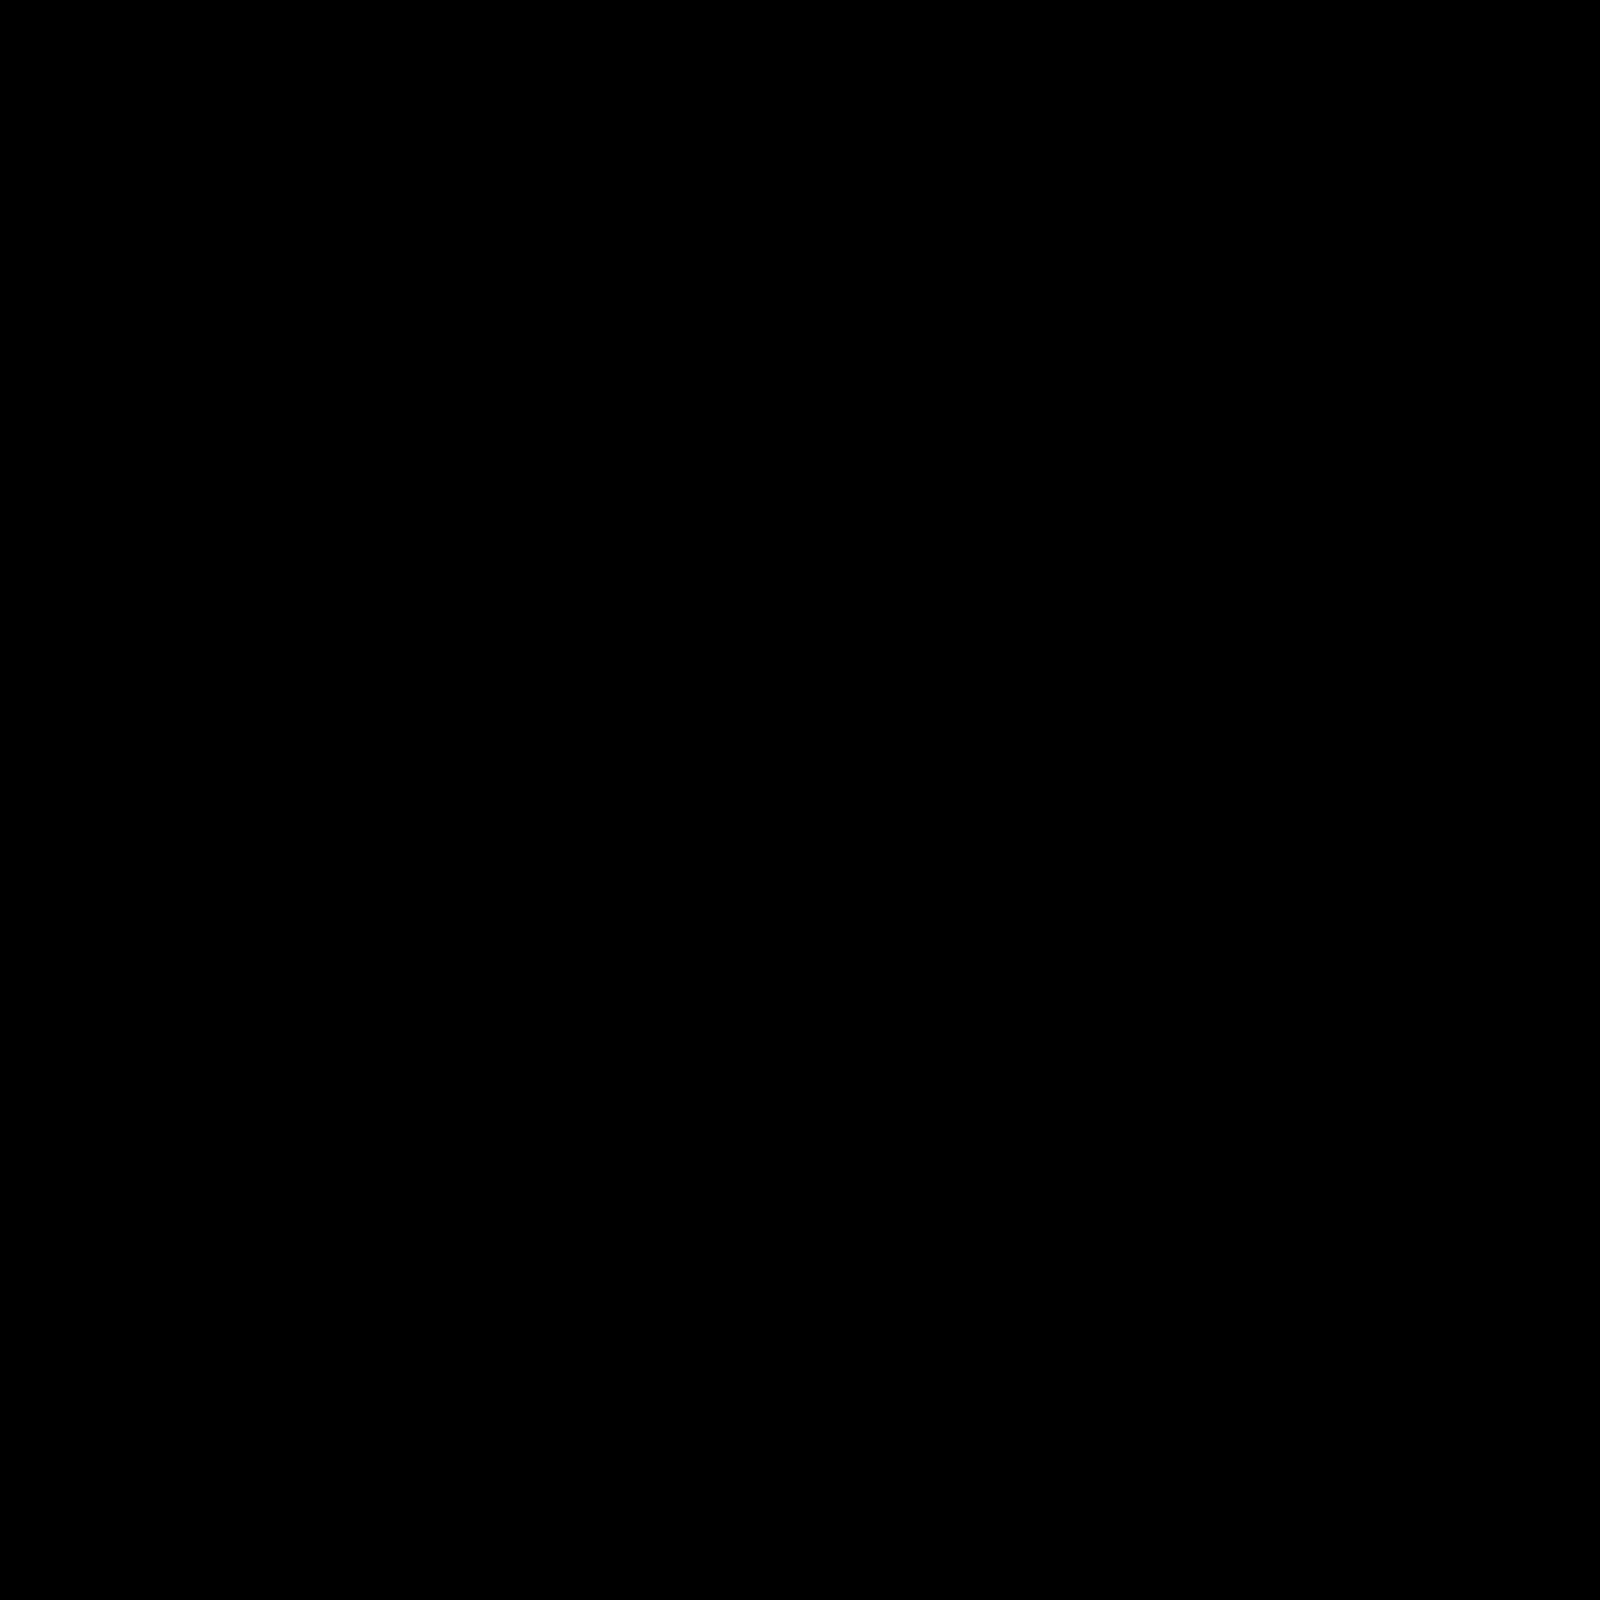 Katakana Ki icon